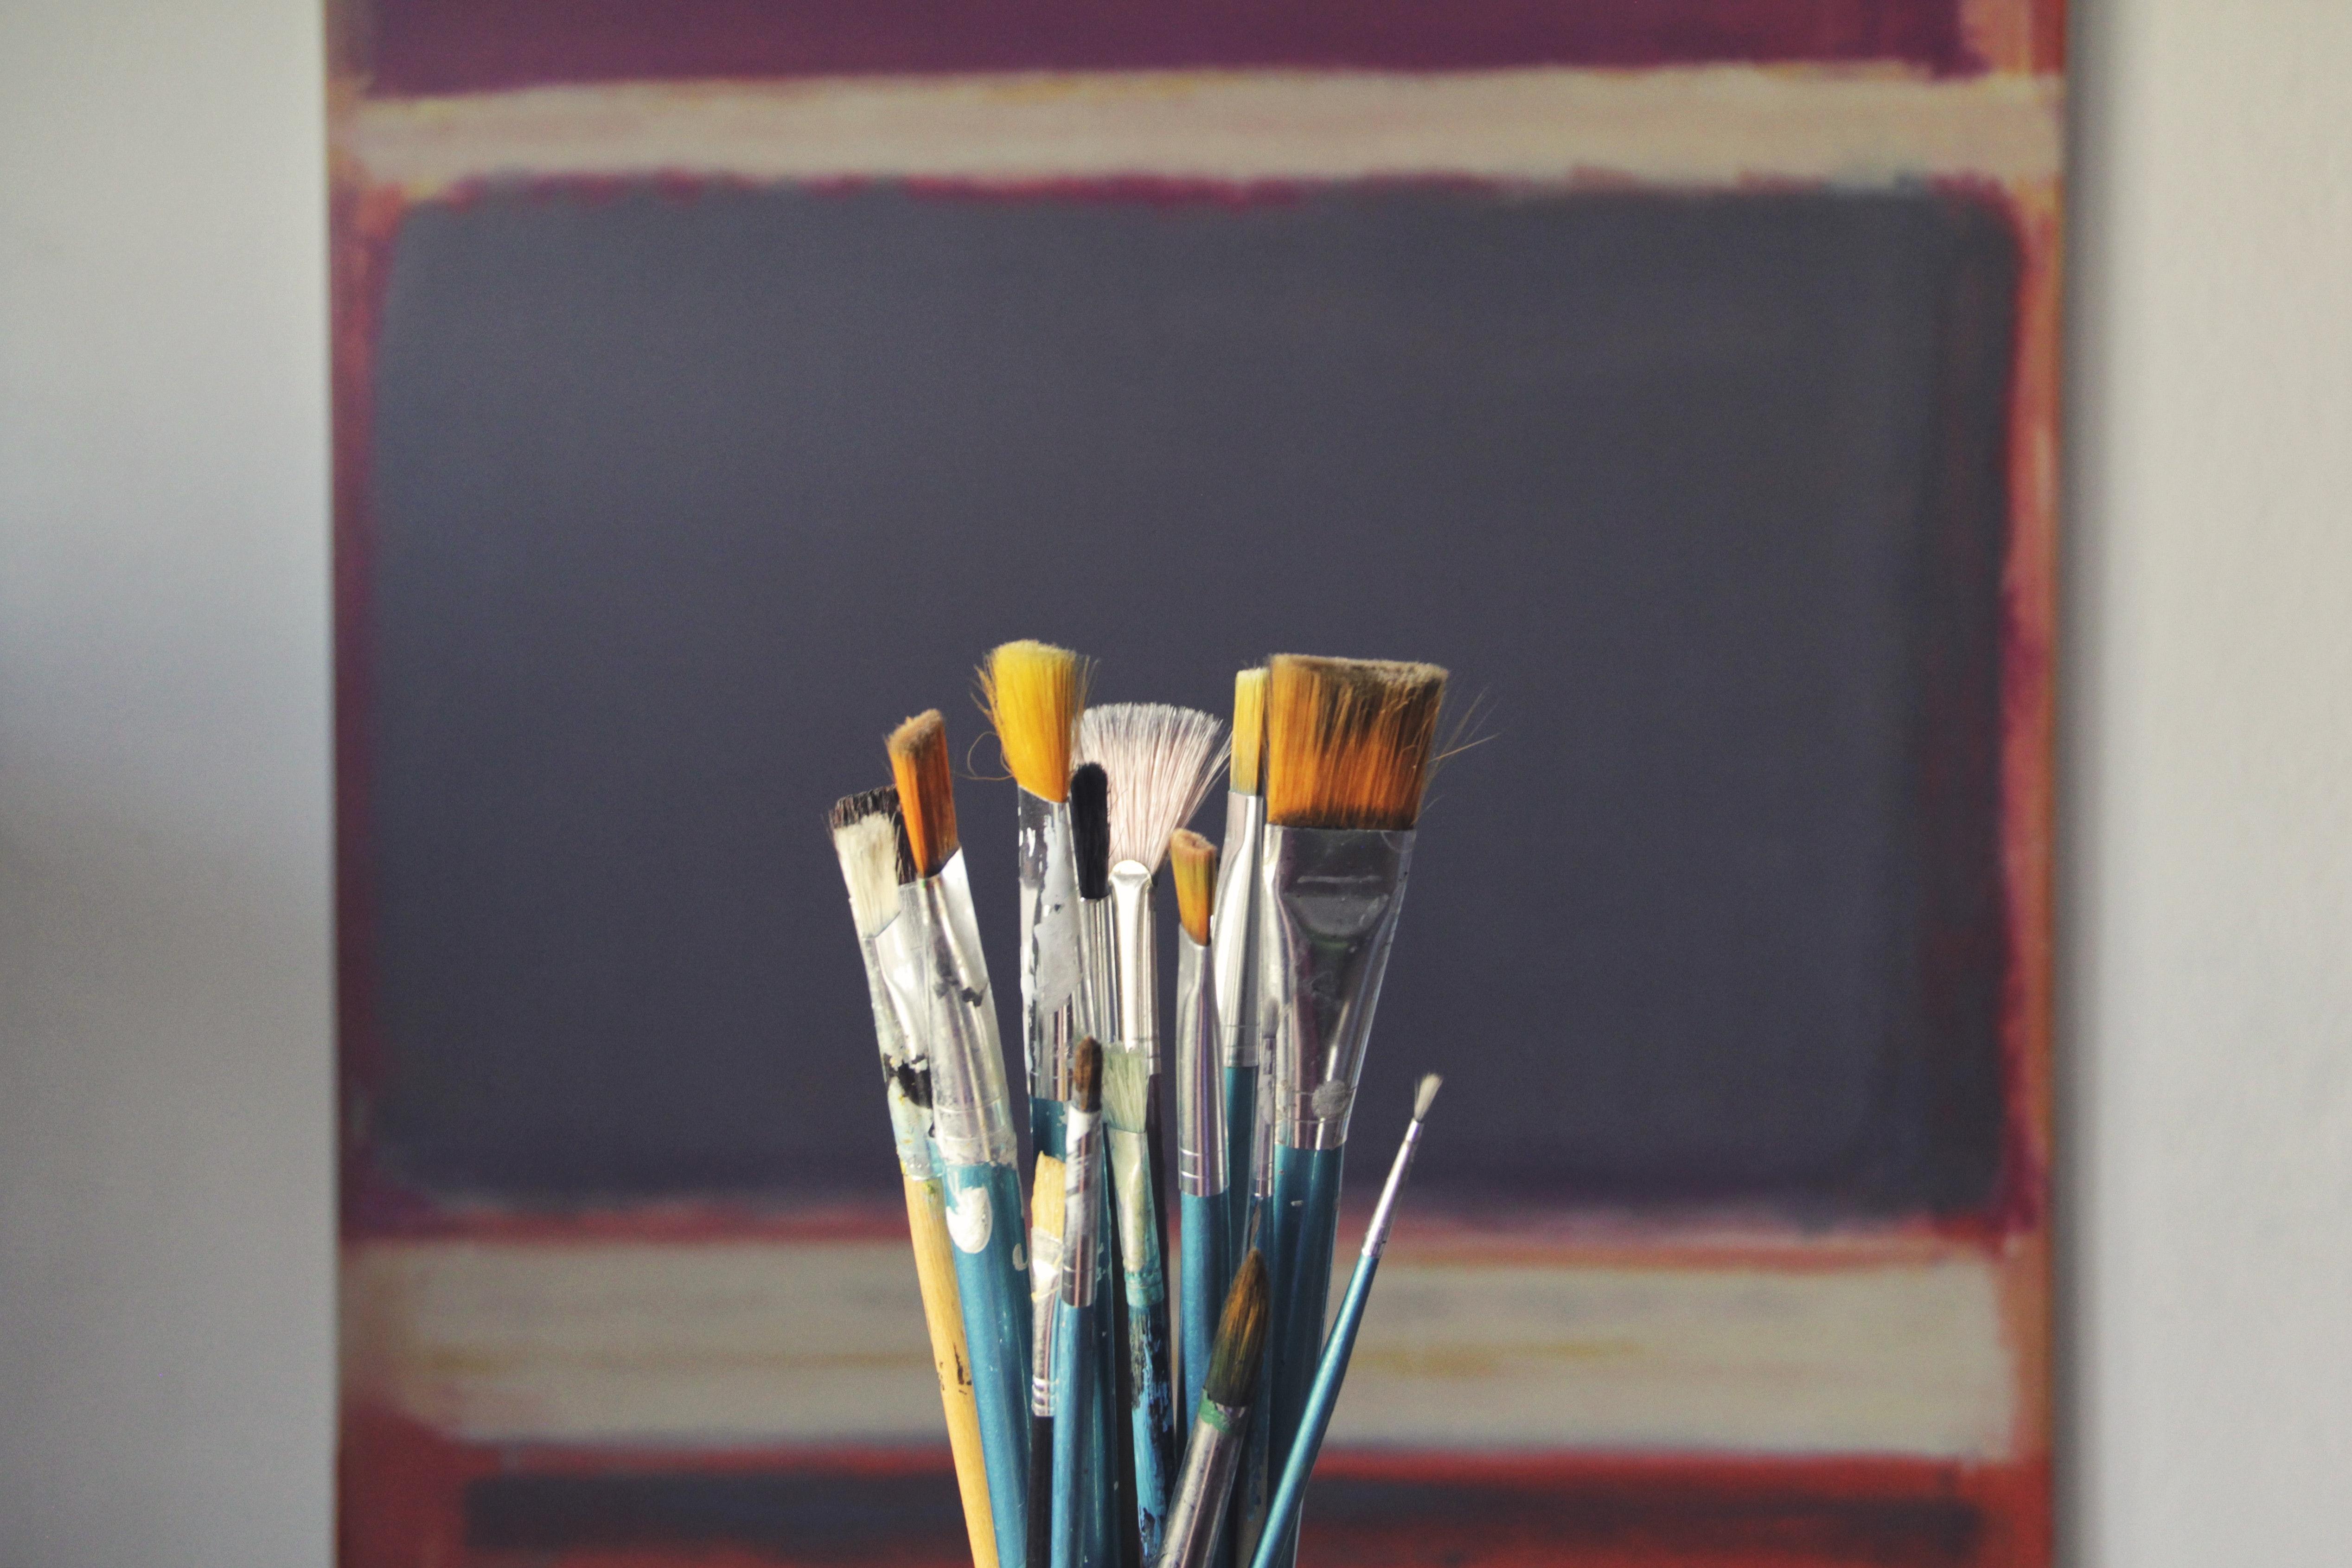 brush painting the white wall  u00b7 free stock photo